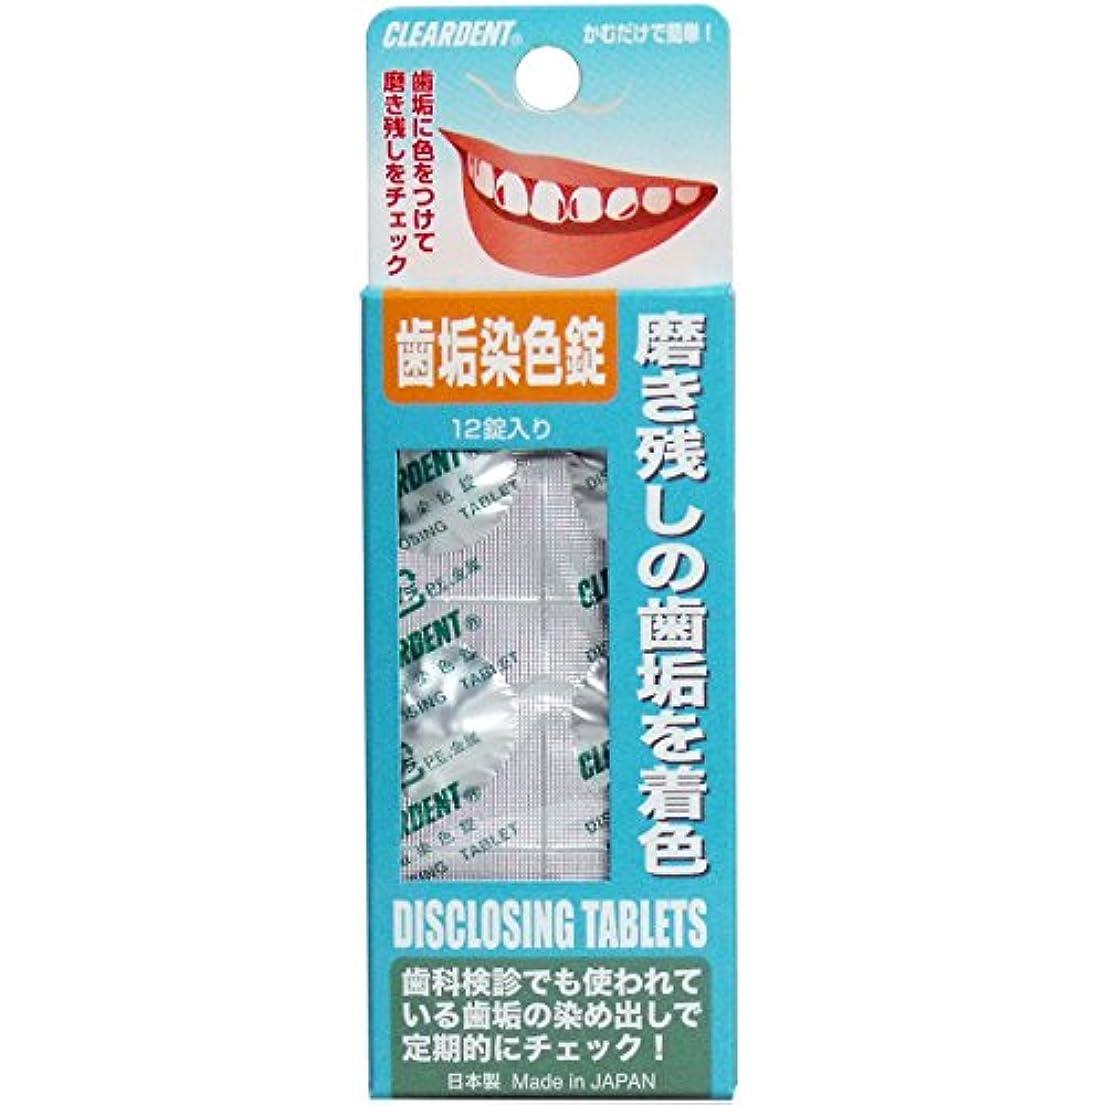 ステレオ支援する天井クリアデント歯垢染色錠 12錠